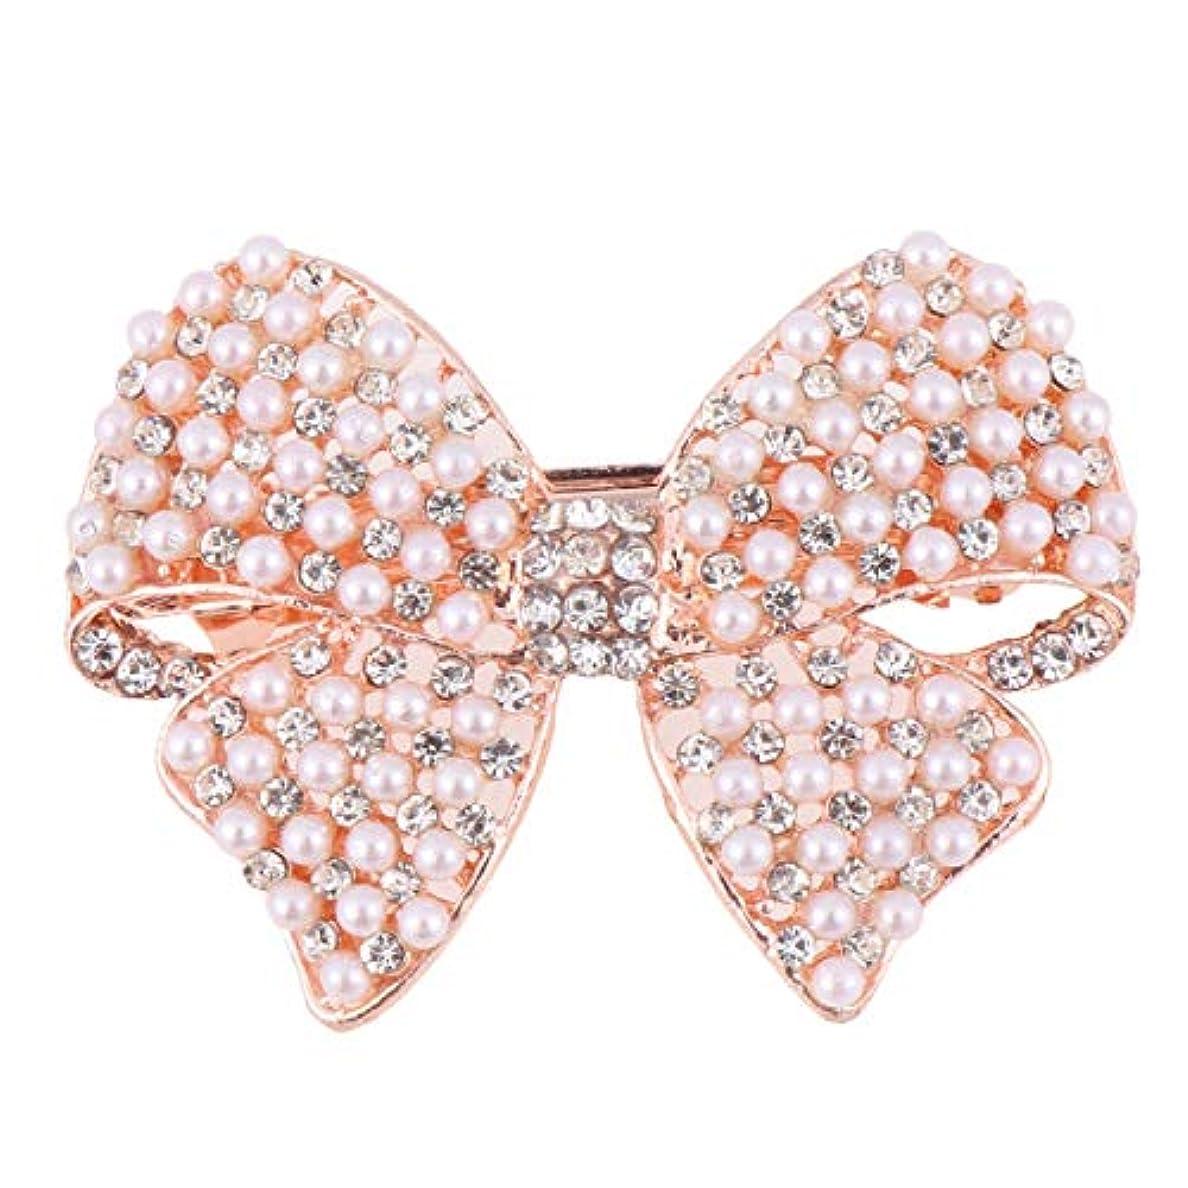 アベニューハンマーのためBeaupretty 女性のための真珠の弓のヘアクリップラインストーンヘアピンヘッドドレスバレッタちょう結び